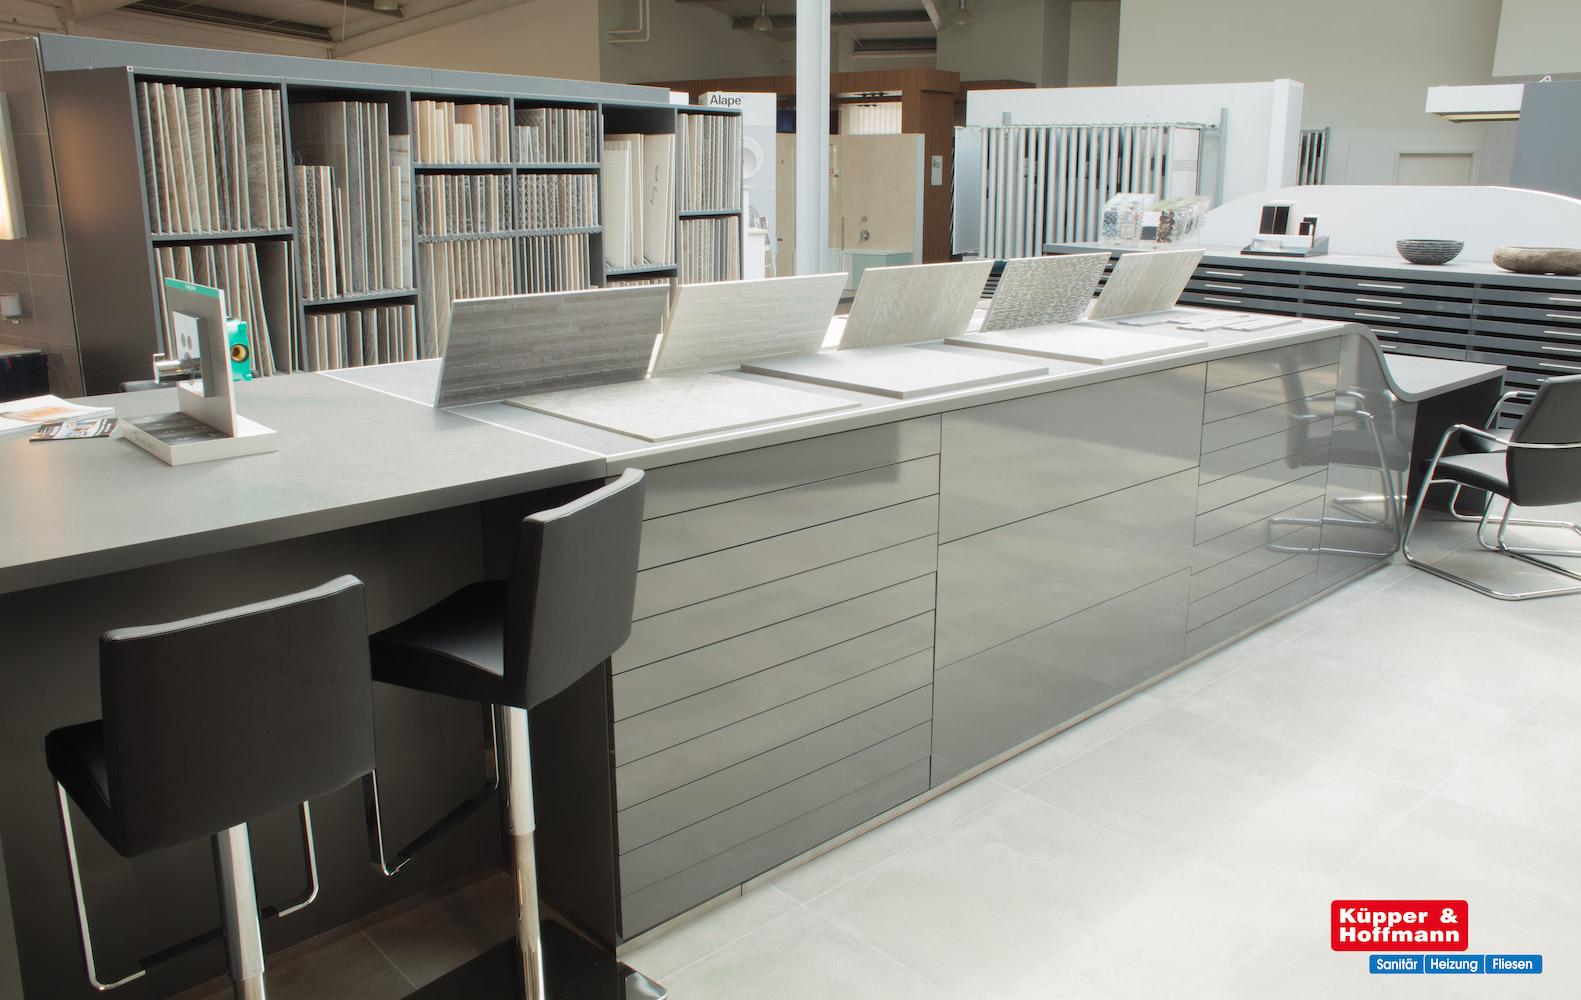 ausstellung k pper hoffmann gmbh in euskirchen wisskirchen. Black Bedroom Furniture Sets. Home Design Ideas